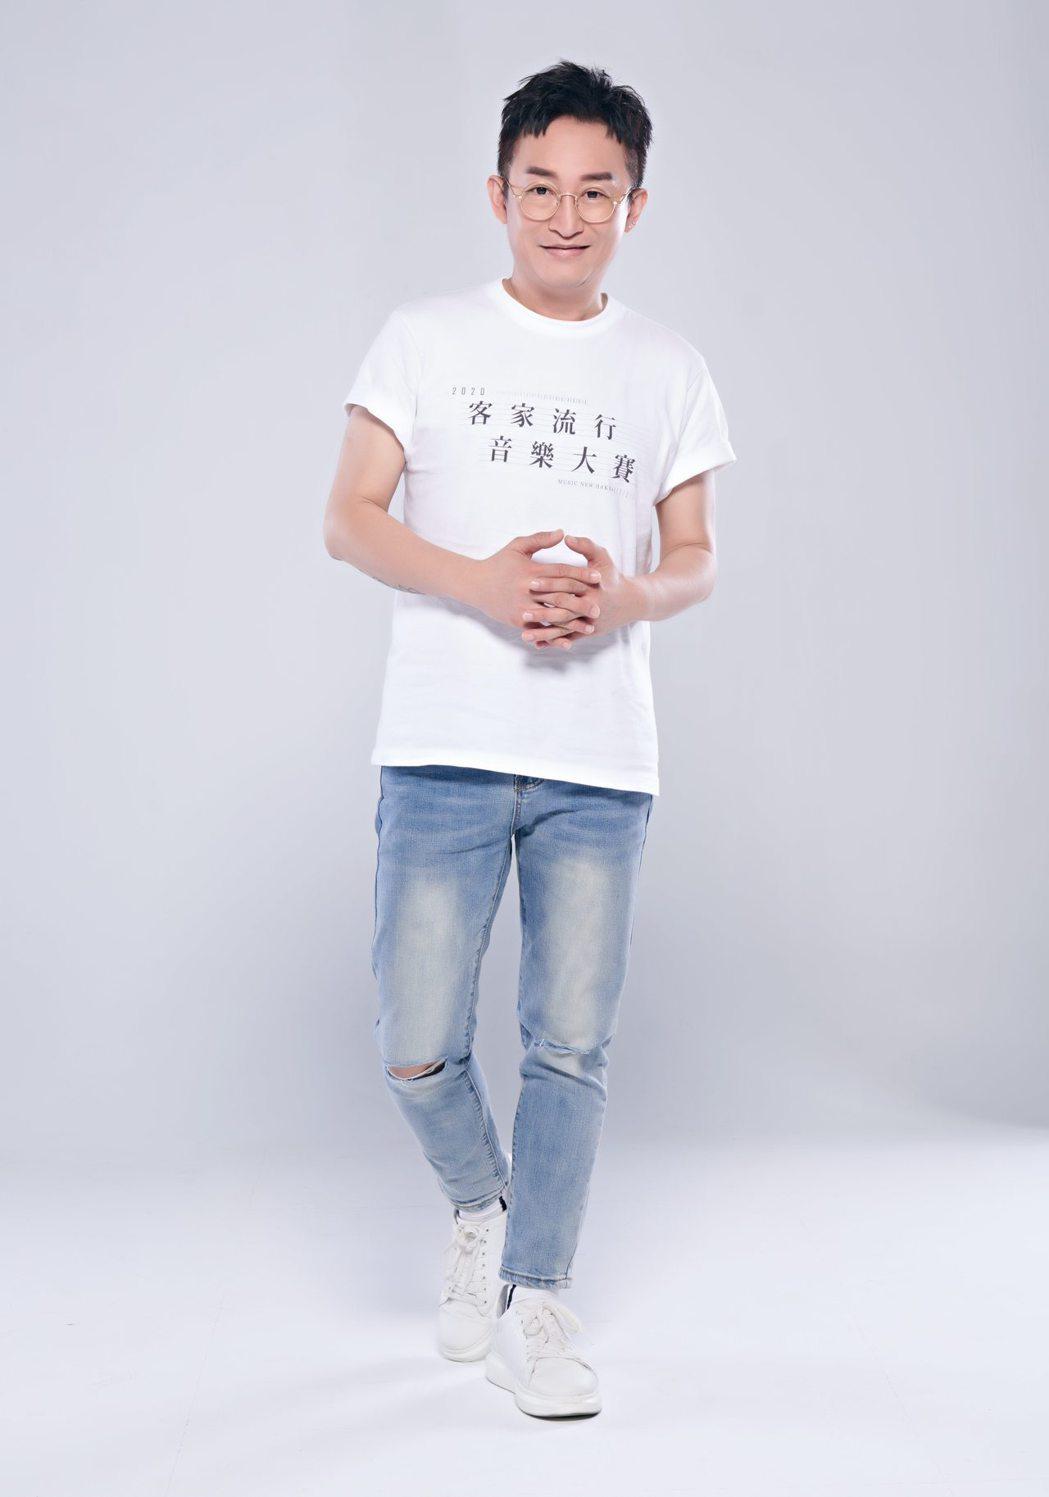 徐哲緯陸續推出客語單曲「臨暗supermarket」、「做工的人」。圖/新視紀整